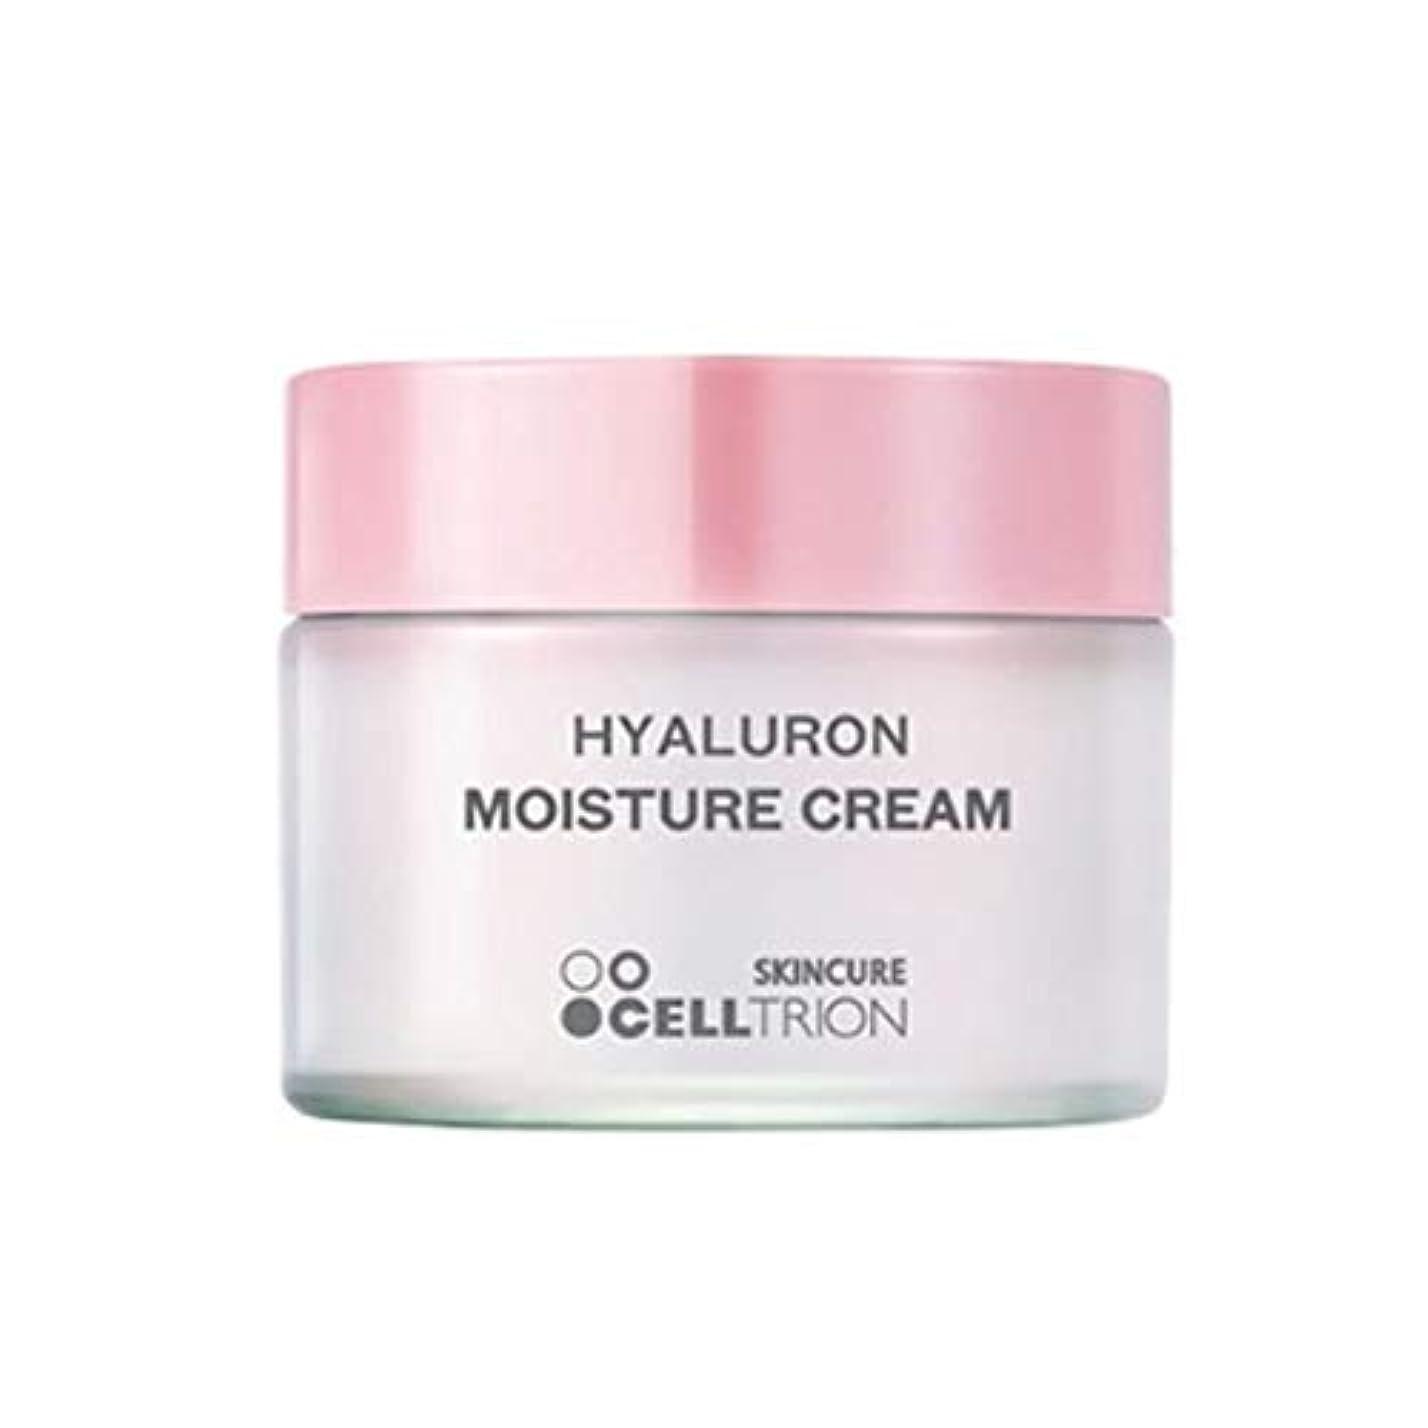 中にシェードかんがいセルトリオンスキンキュアヒアルロンモイスチャークリーム50gしわ改善、Celltrion Skincure Hyaluron Moisture Cream 50g Anti-Wrinkle [並行輸入品]